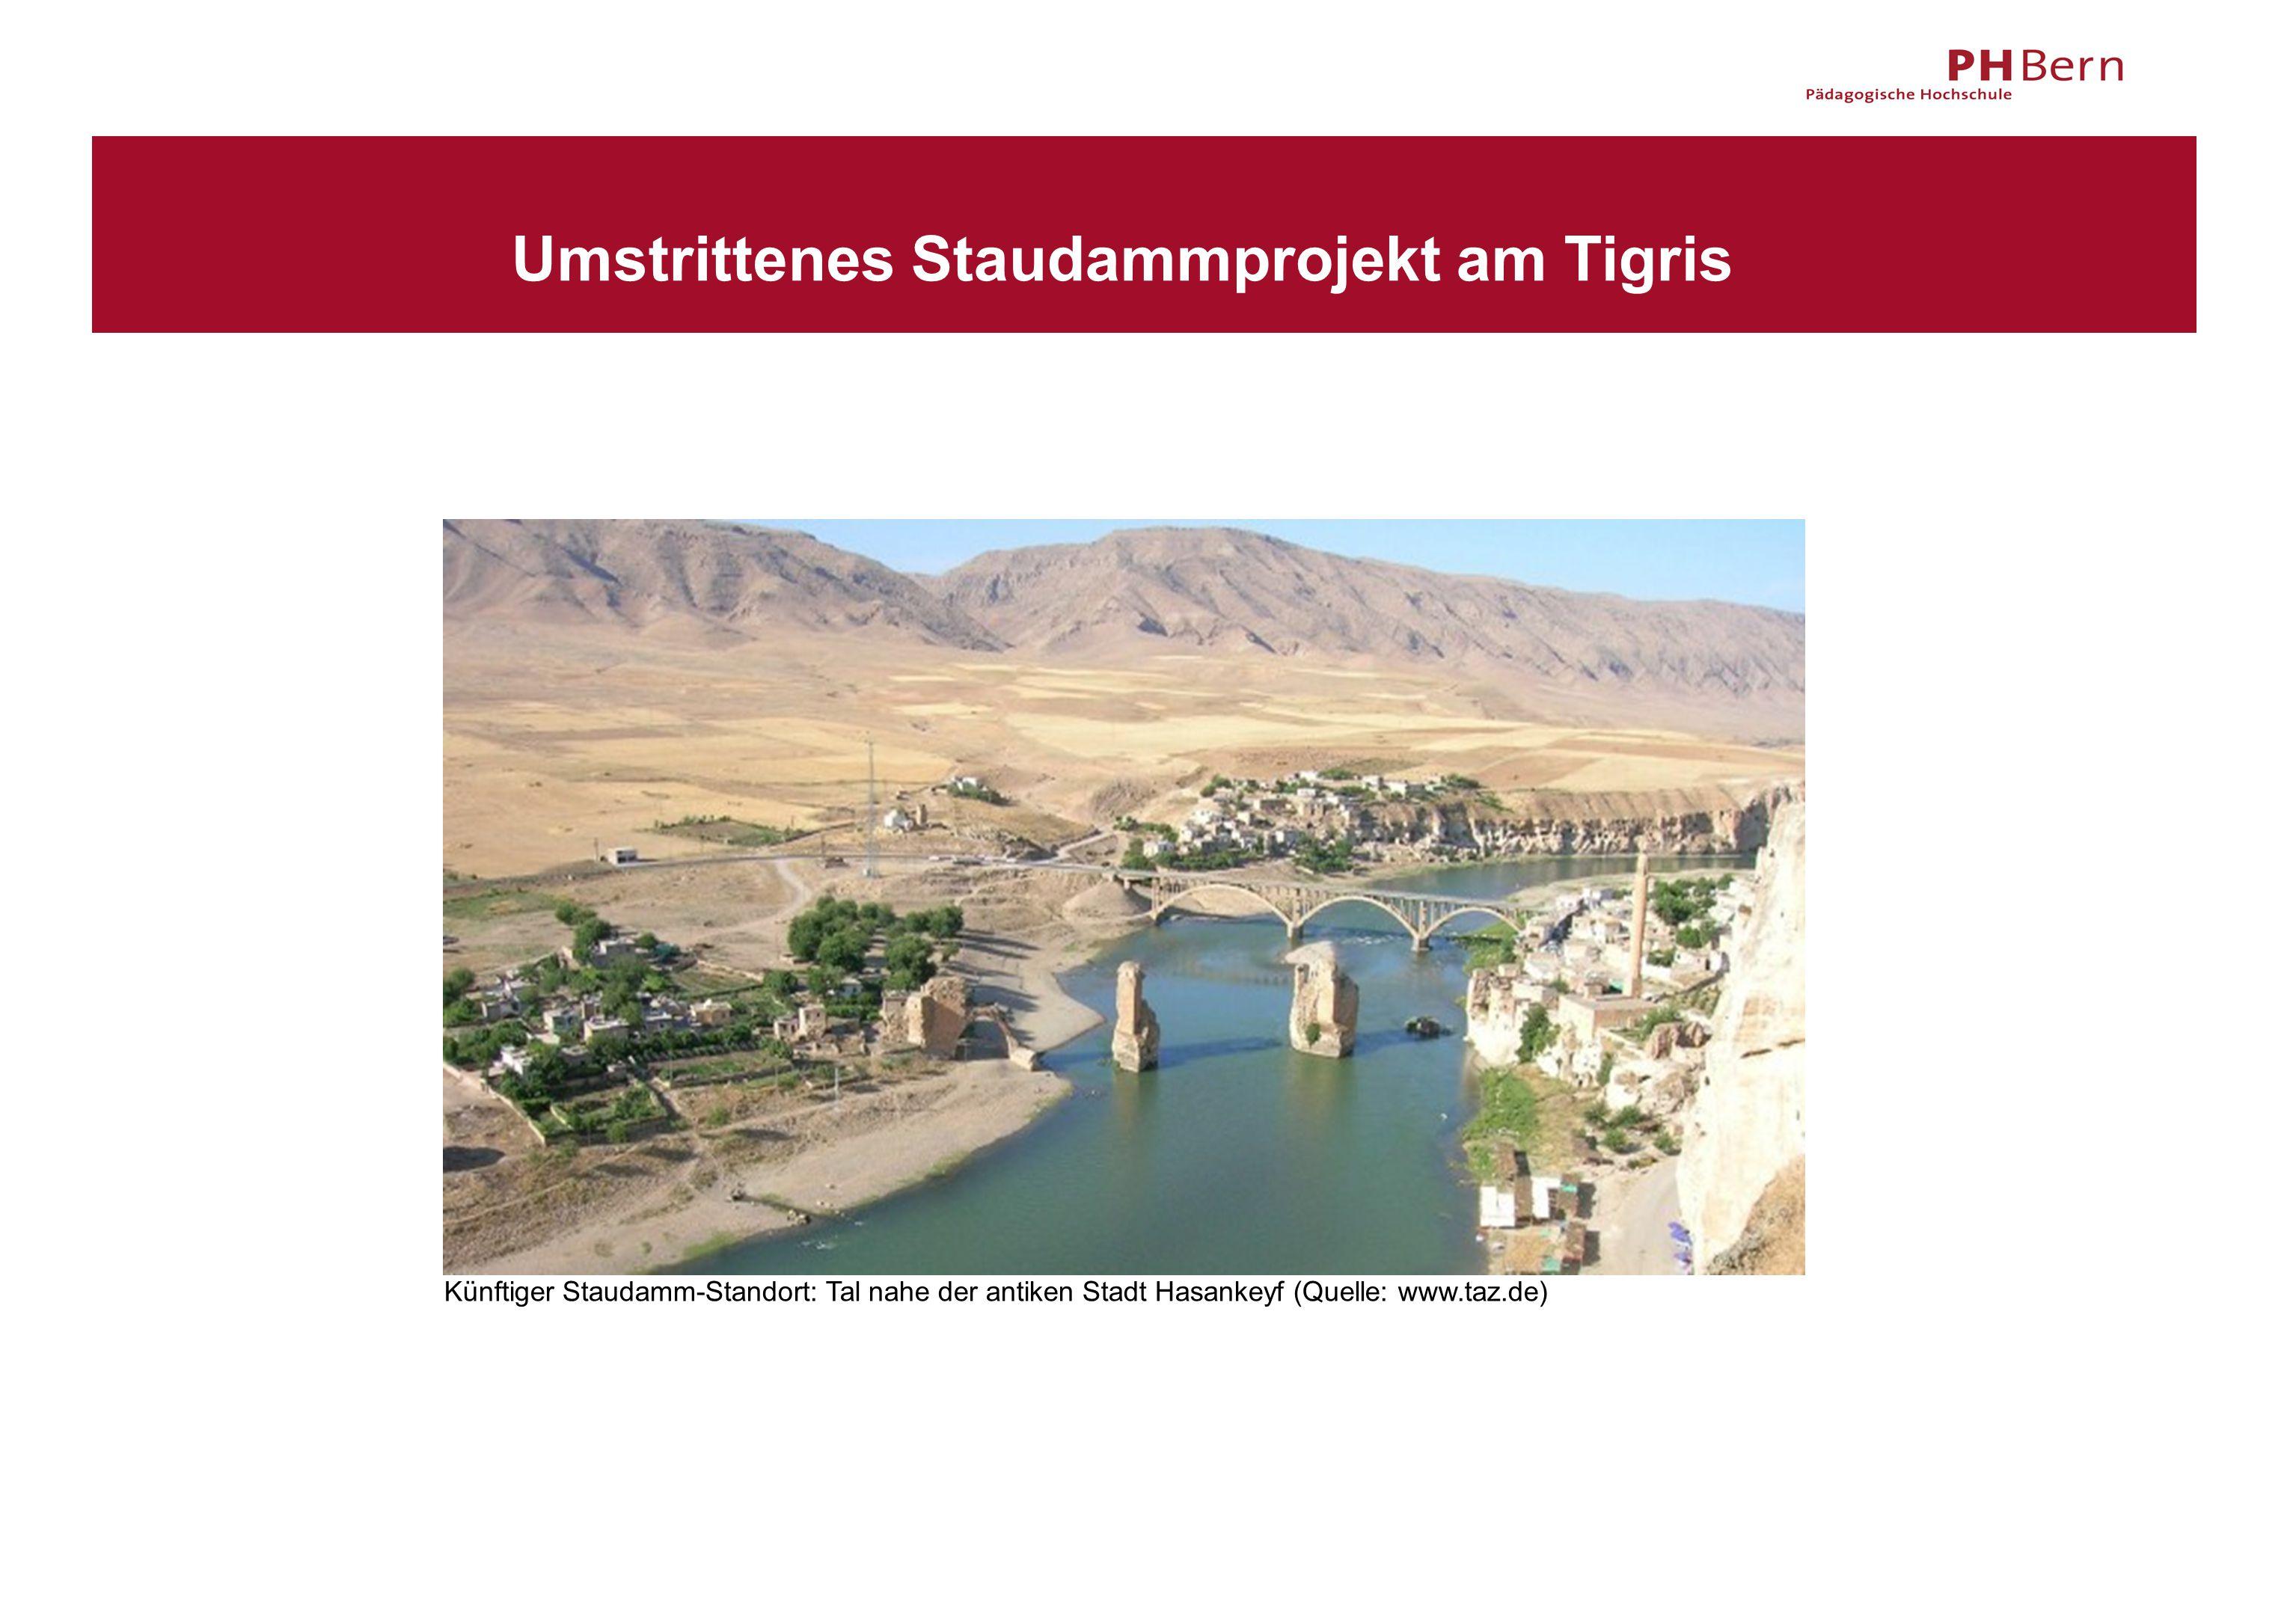 Umstrittenes Staudammprojekt am Tigris